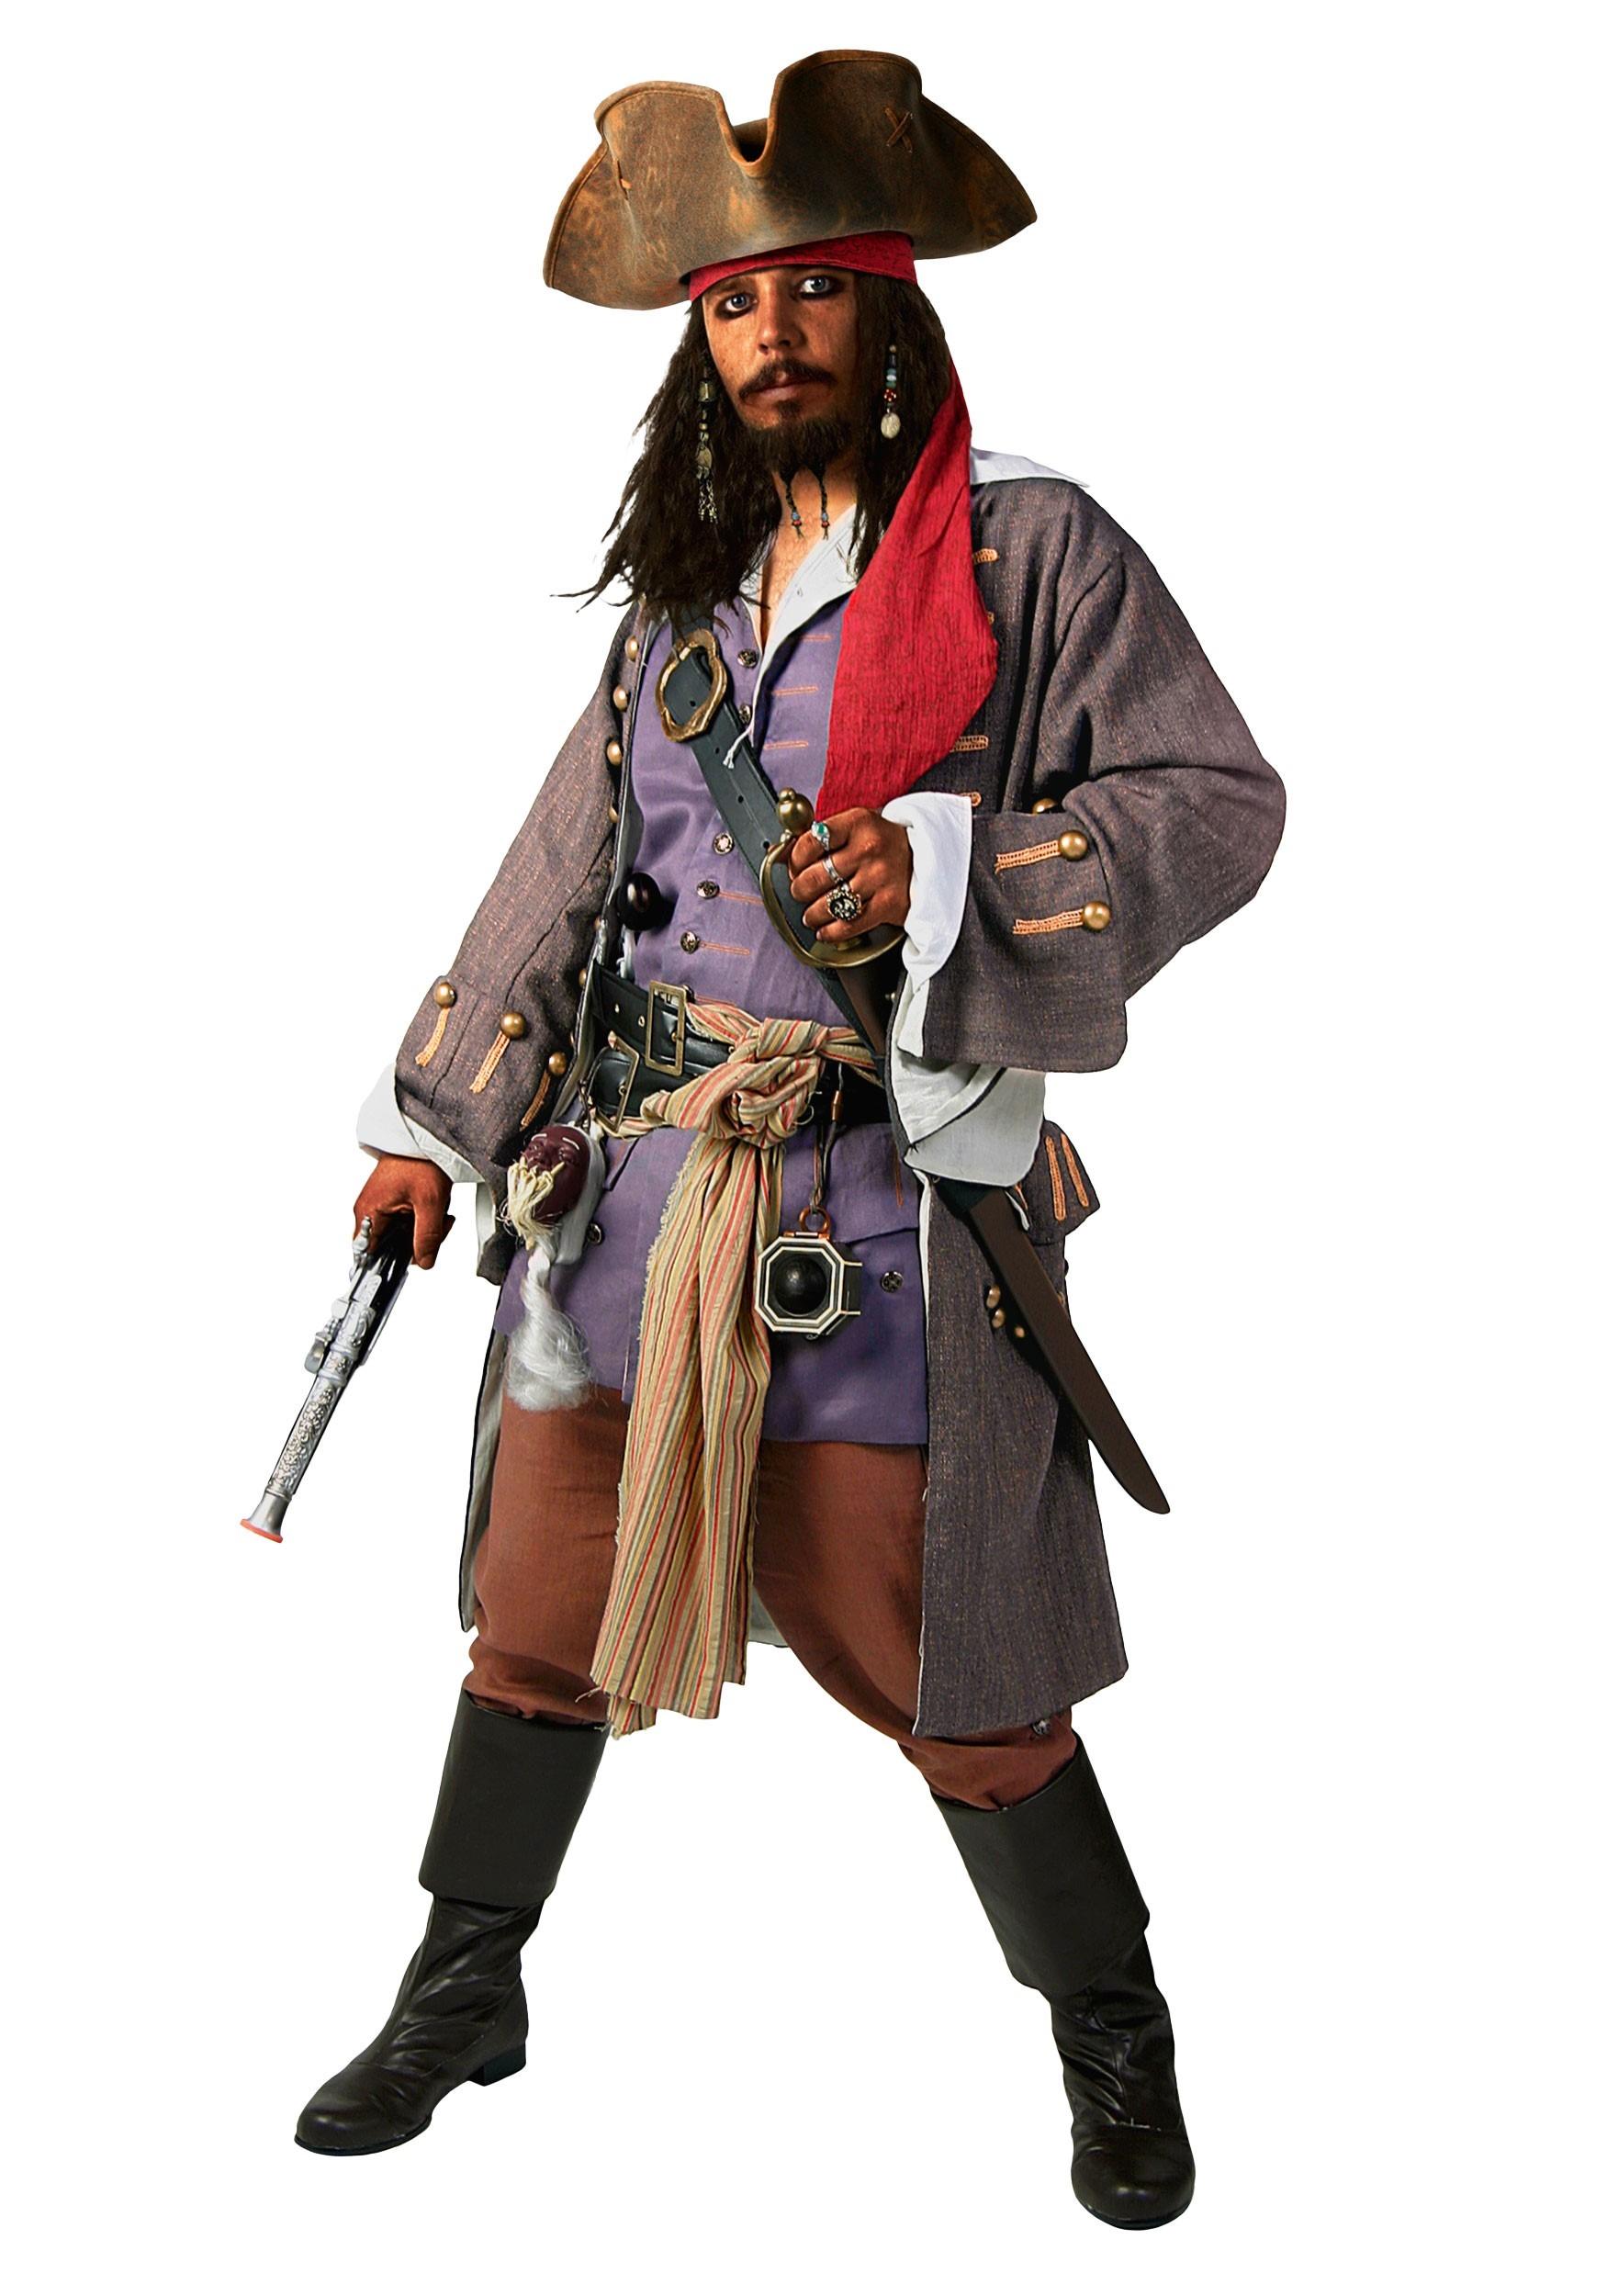 Supreme_Caribbean_Pirate_Costume_for_Men